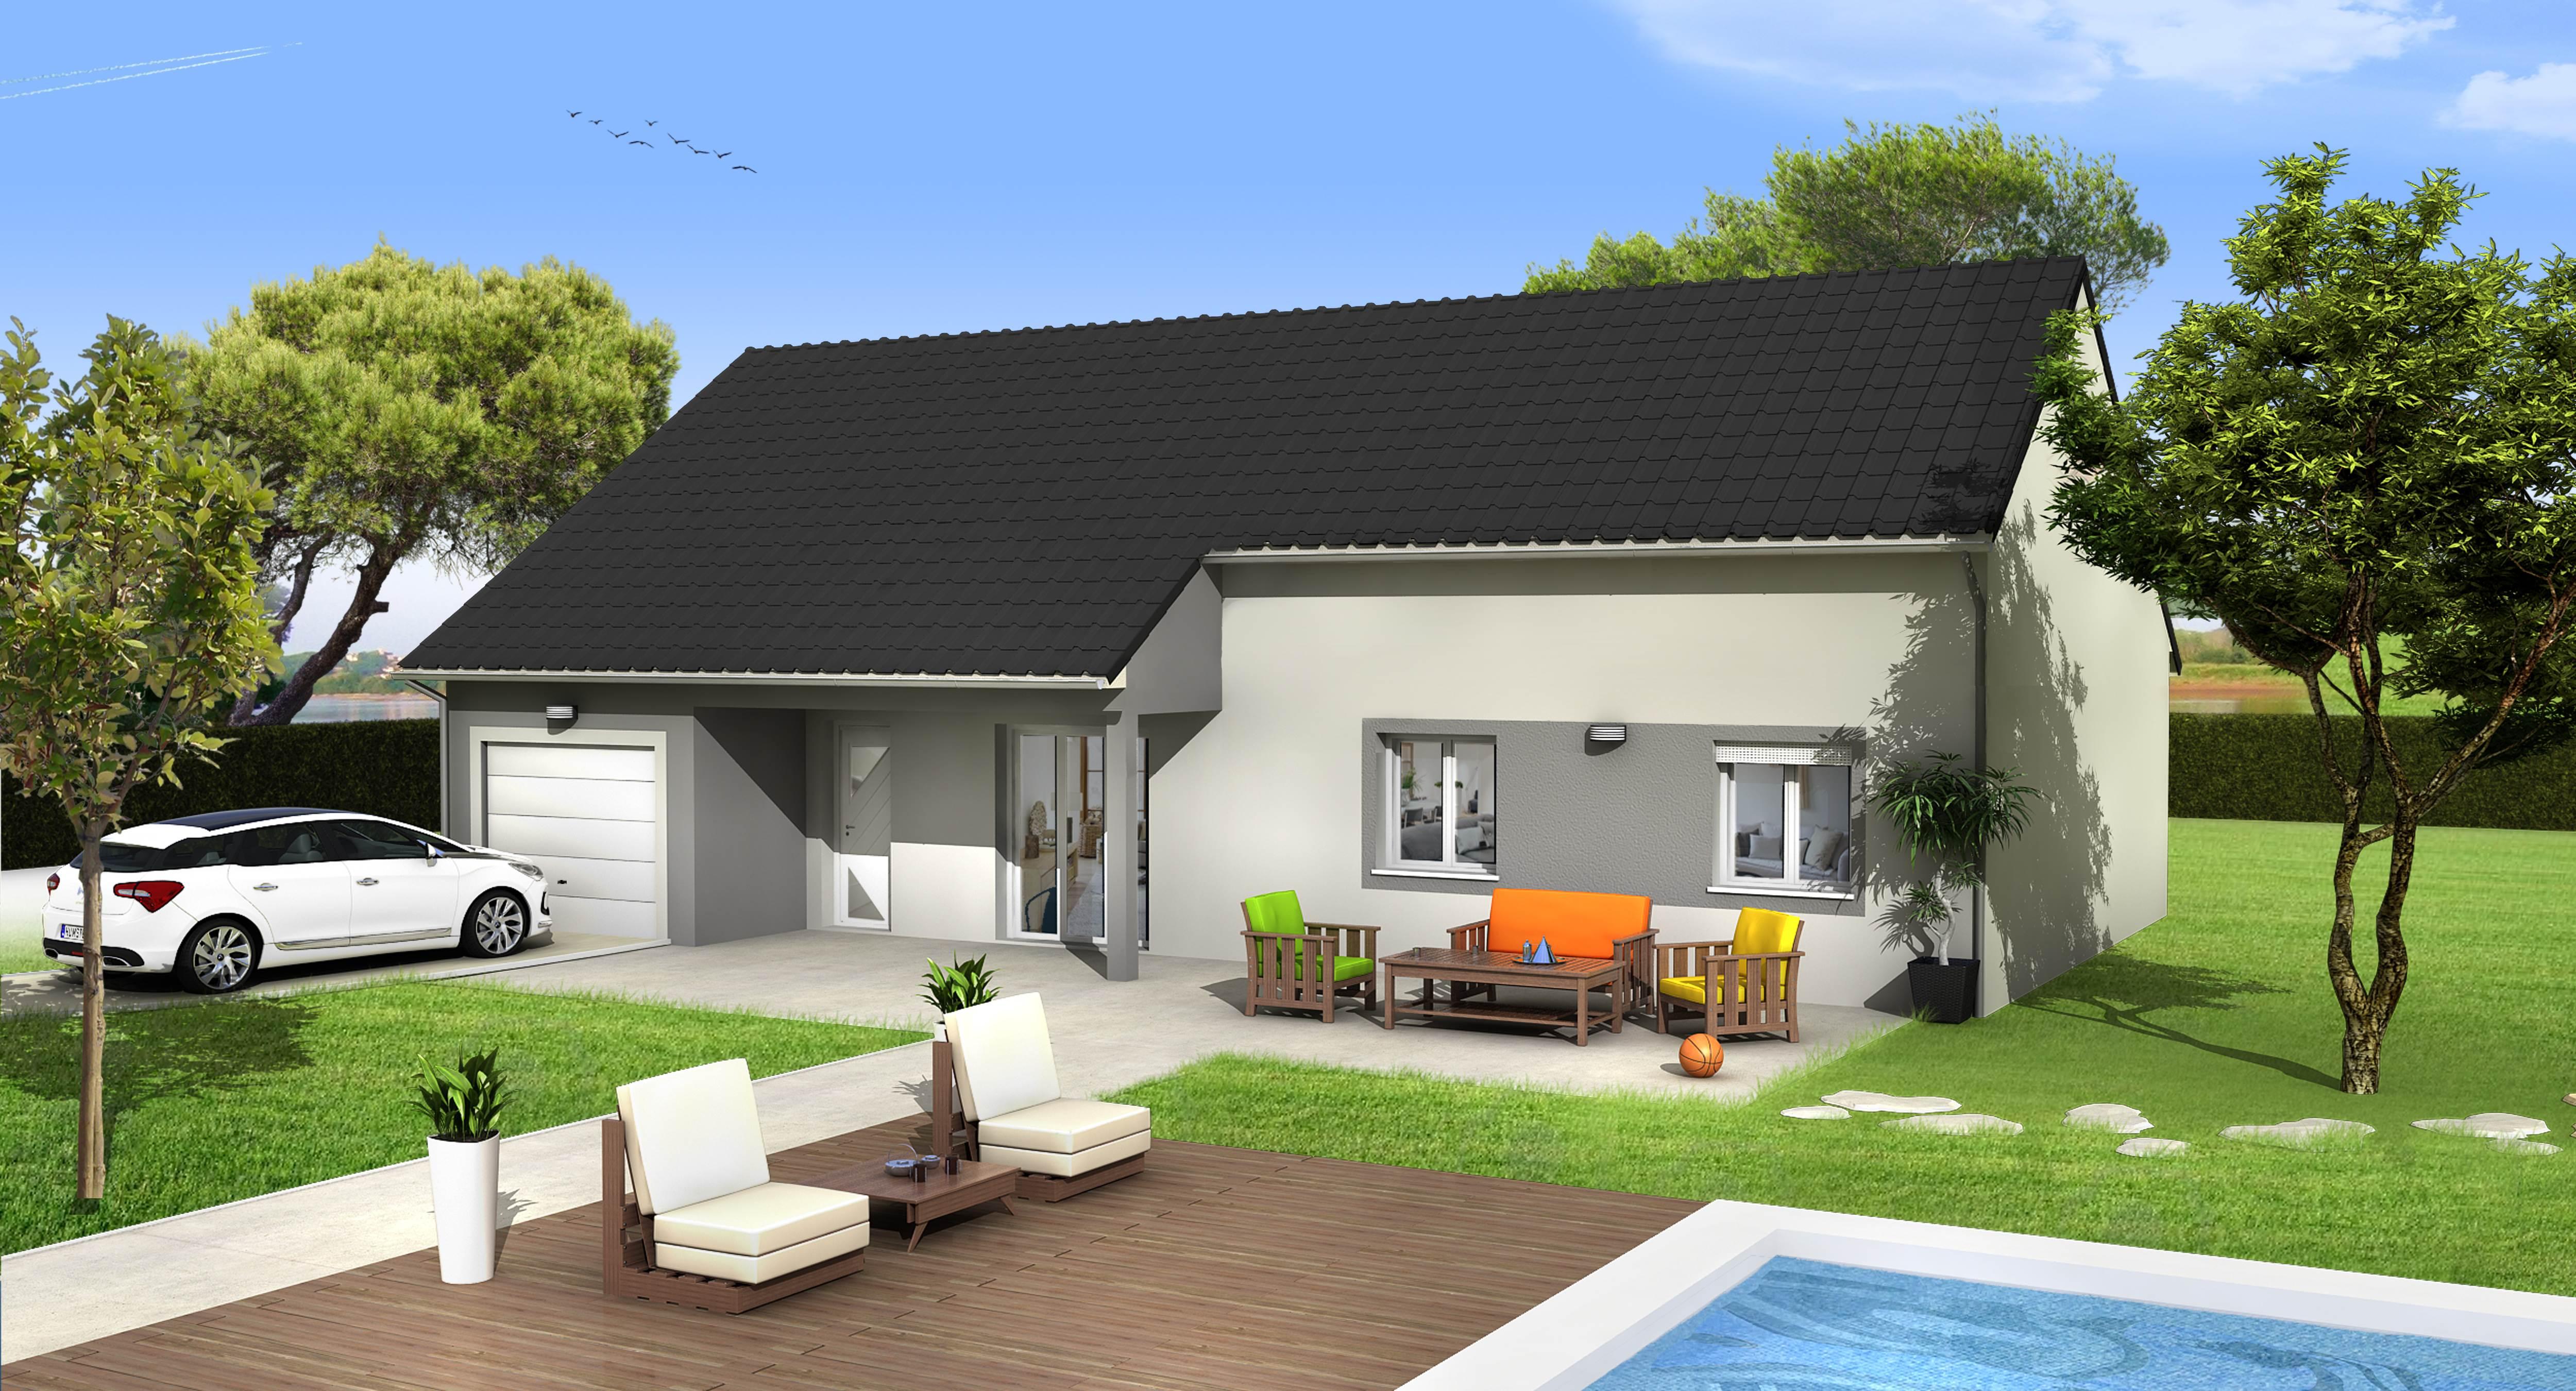 annonce vente maison bazancourt 51110 74 m 177 721 992730442623. Black Bedroom Furniture Sets. Home Design Ideas